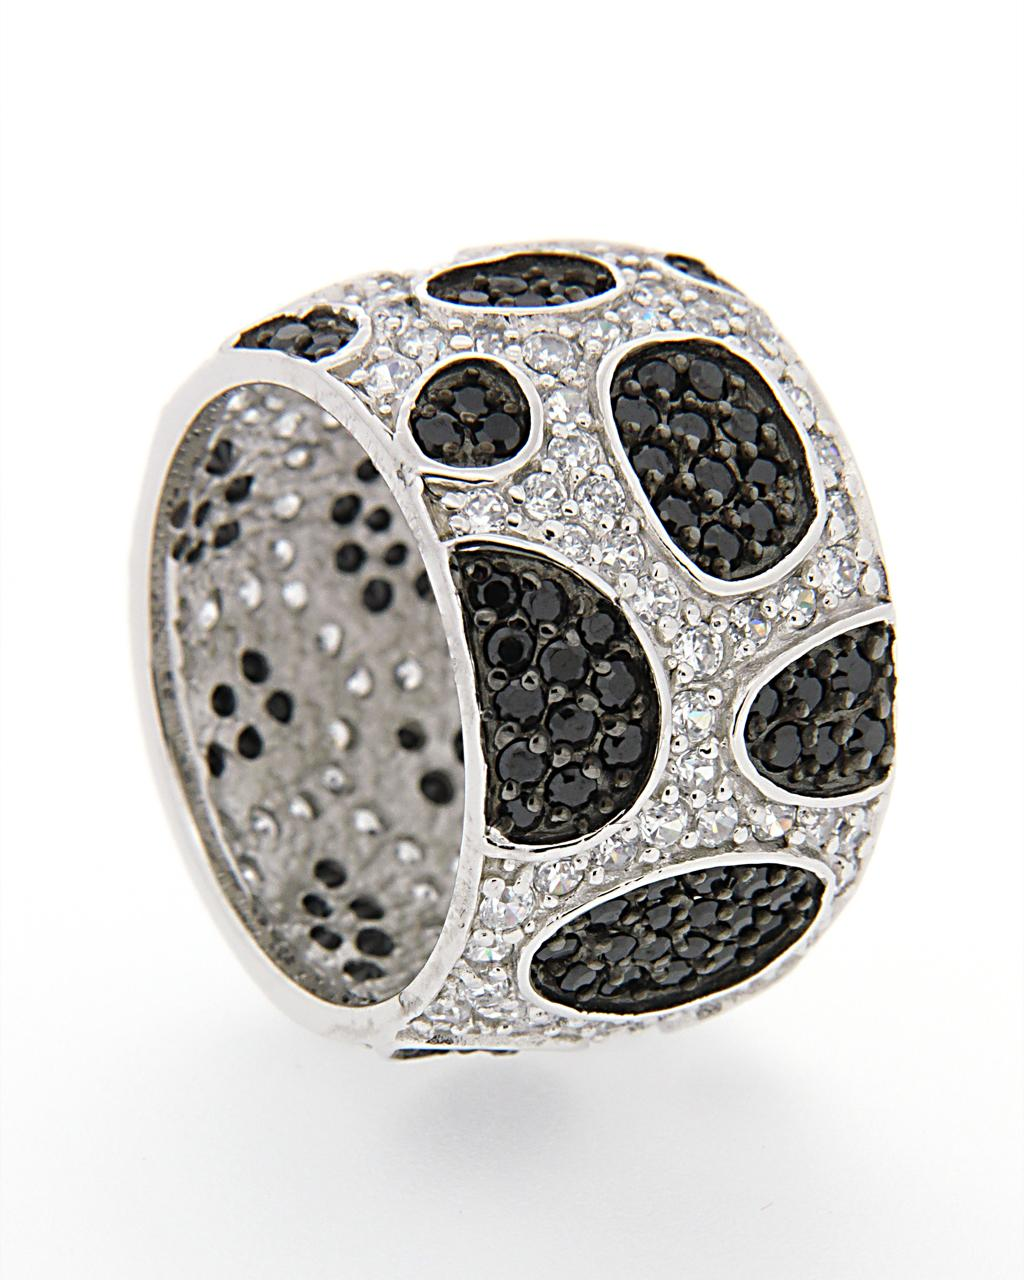 Δαχτυλίδι ασημένιο 925 με Ζιργκόν AD02262   γυναικα δαχτυλίδια δαχτυλίδια ασημένια